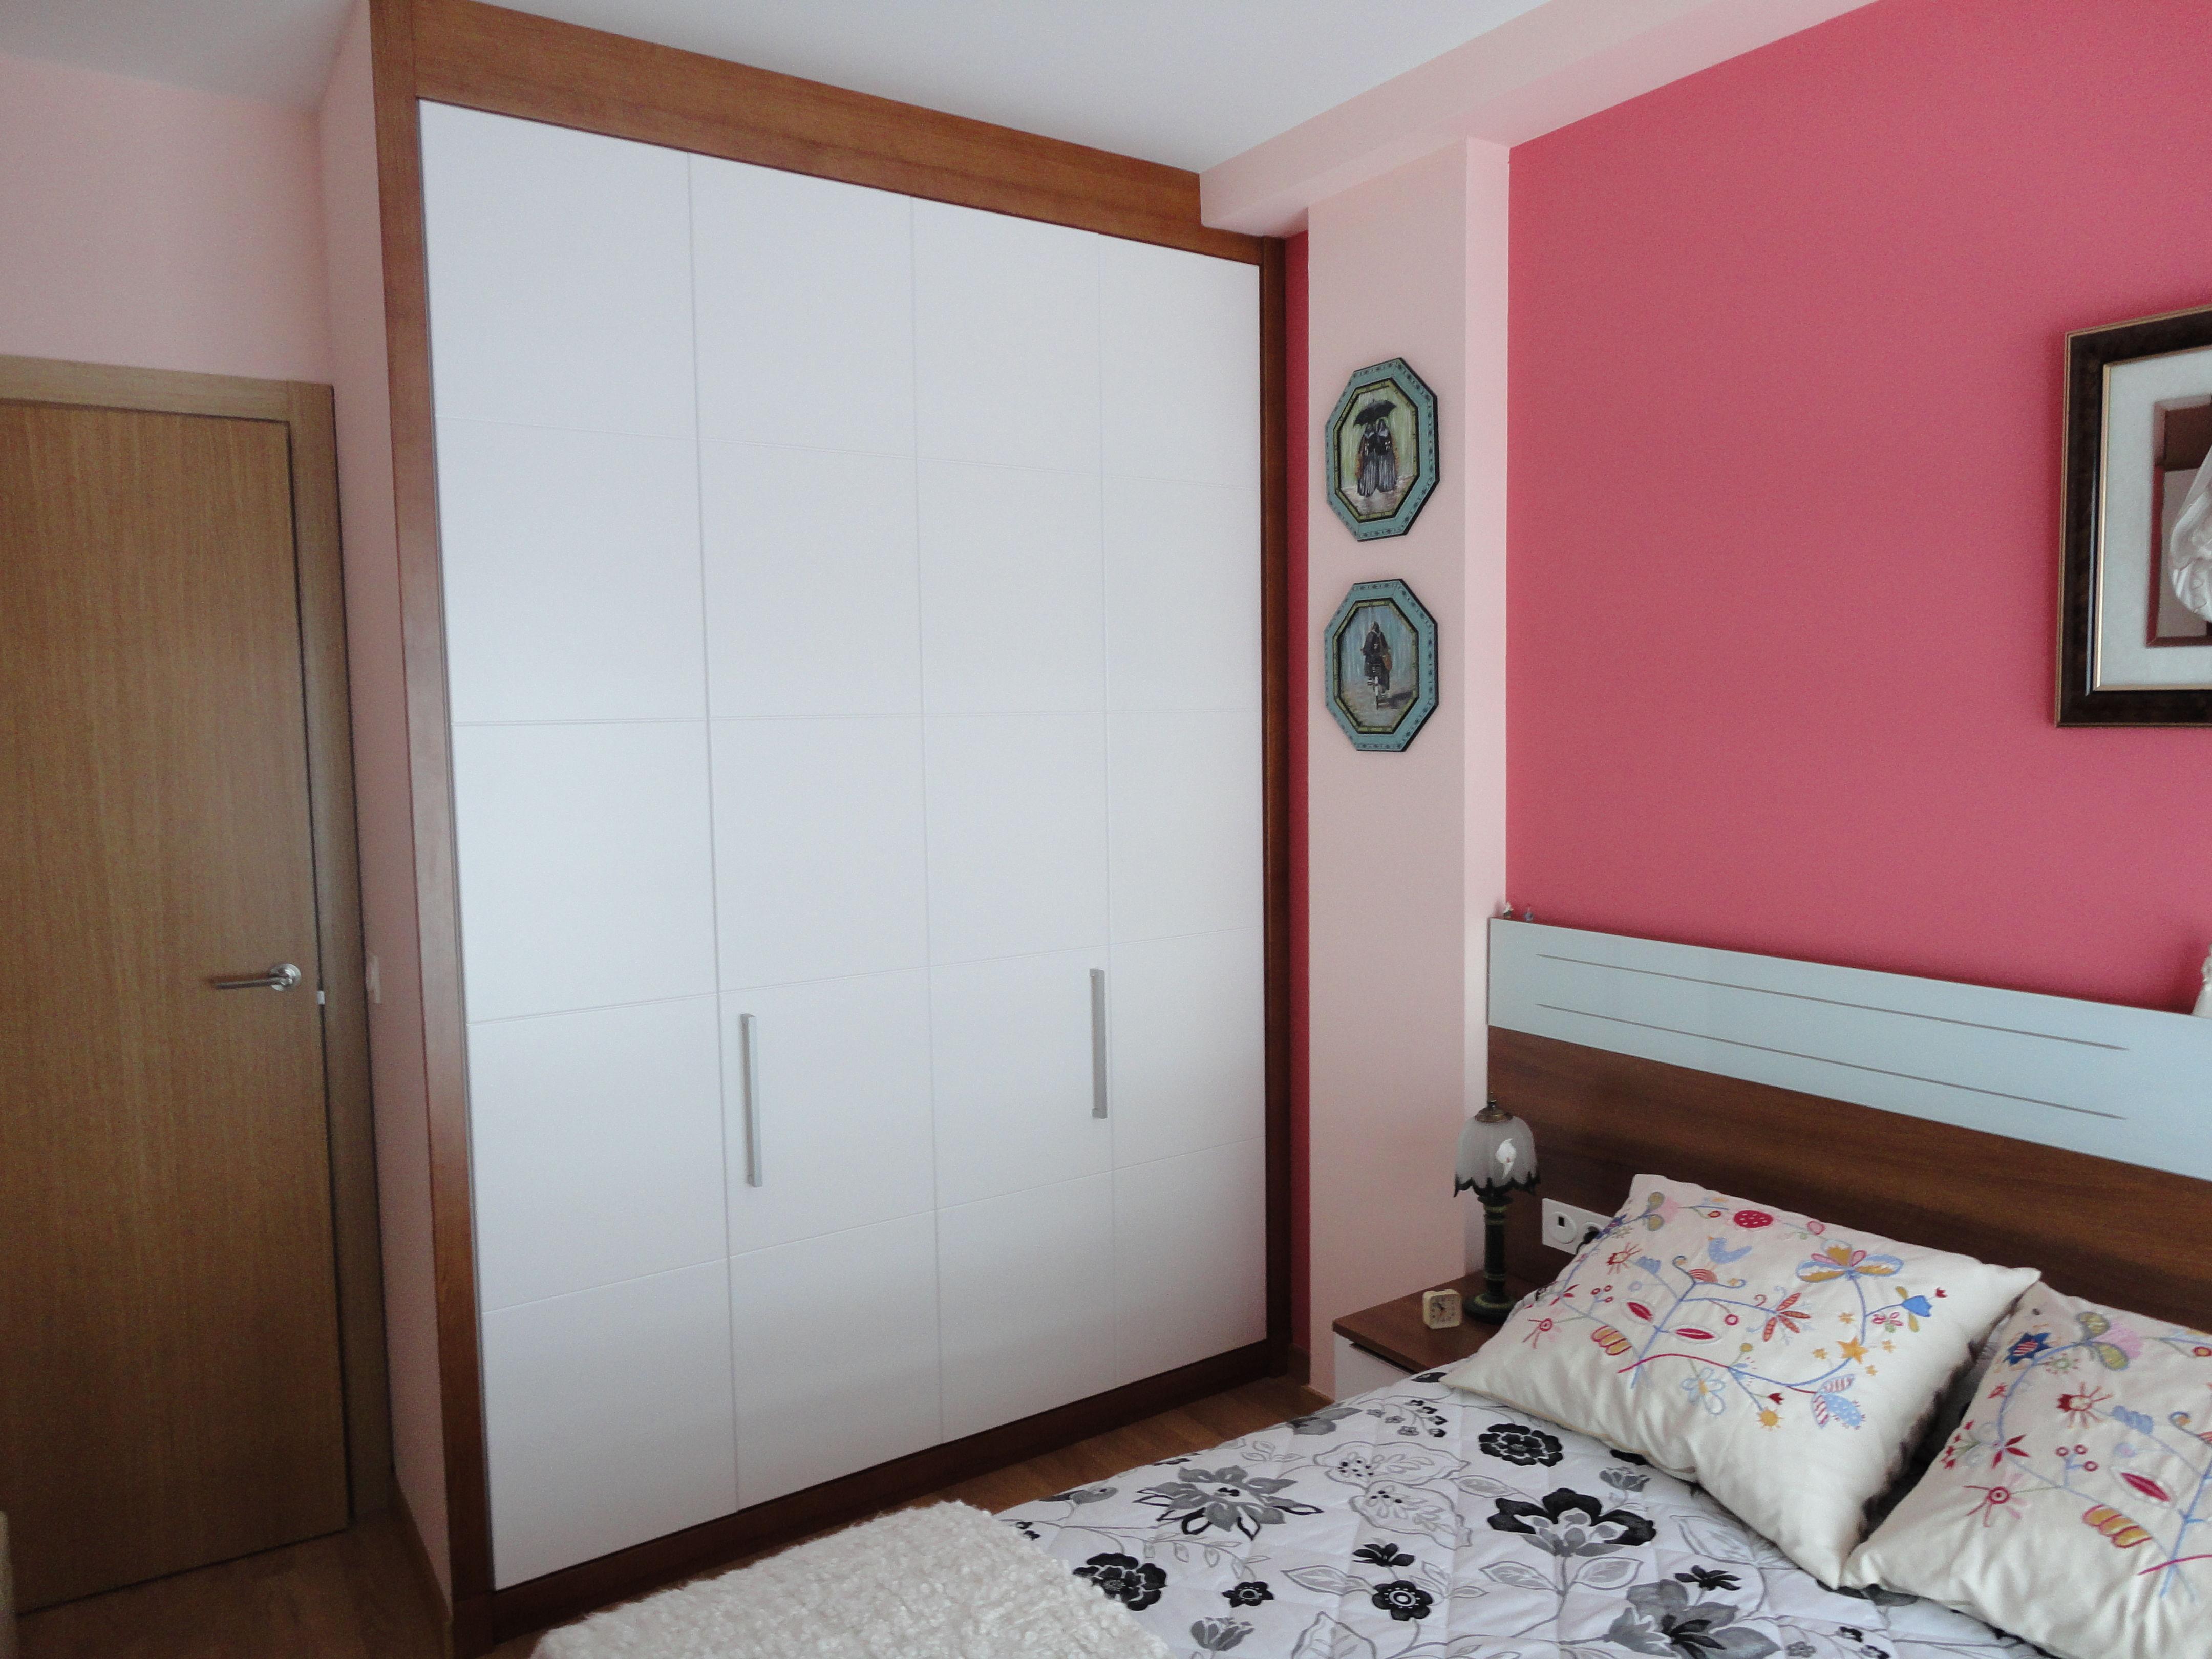 Foto 5 de Armarios en Vitoria-Gasteiz | Comser